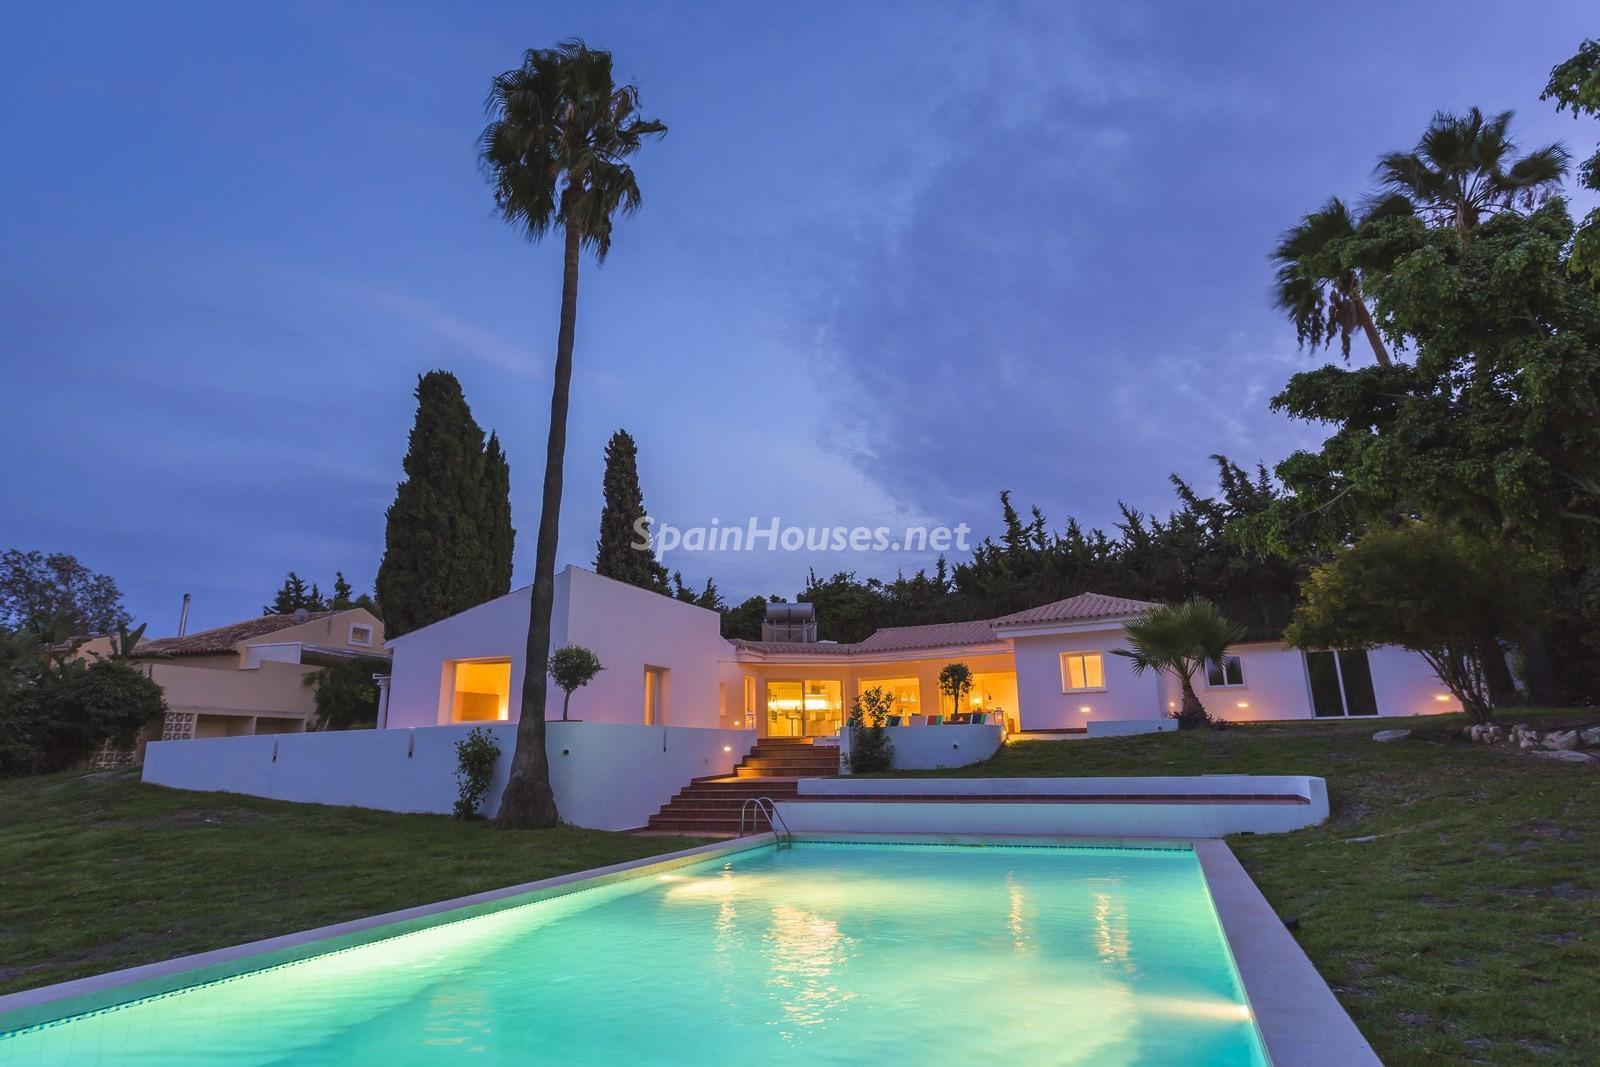 9. Villa for sale in Estepona Málaga - Beautiful 4 Bed Villa For Sale in Estepona, Málaga